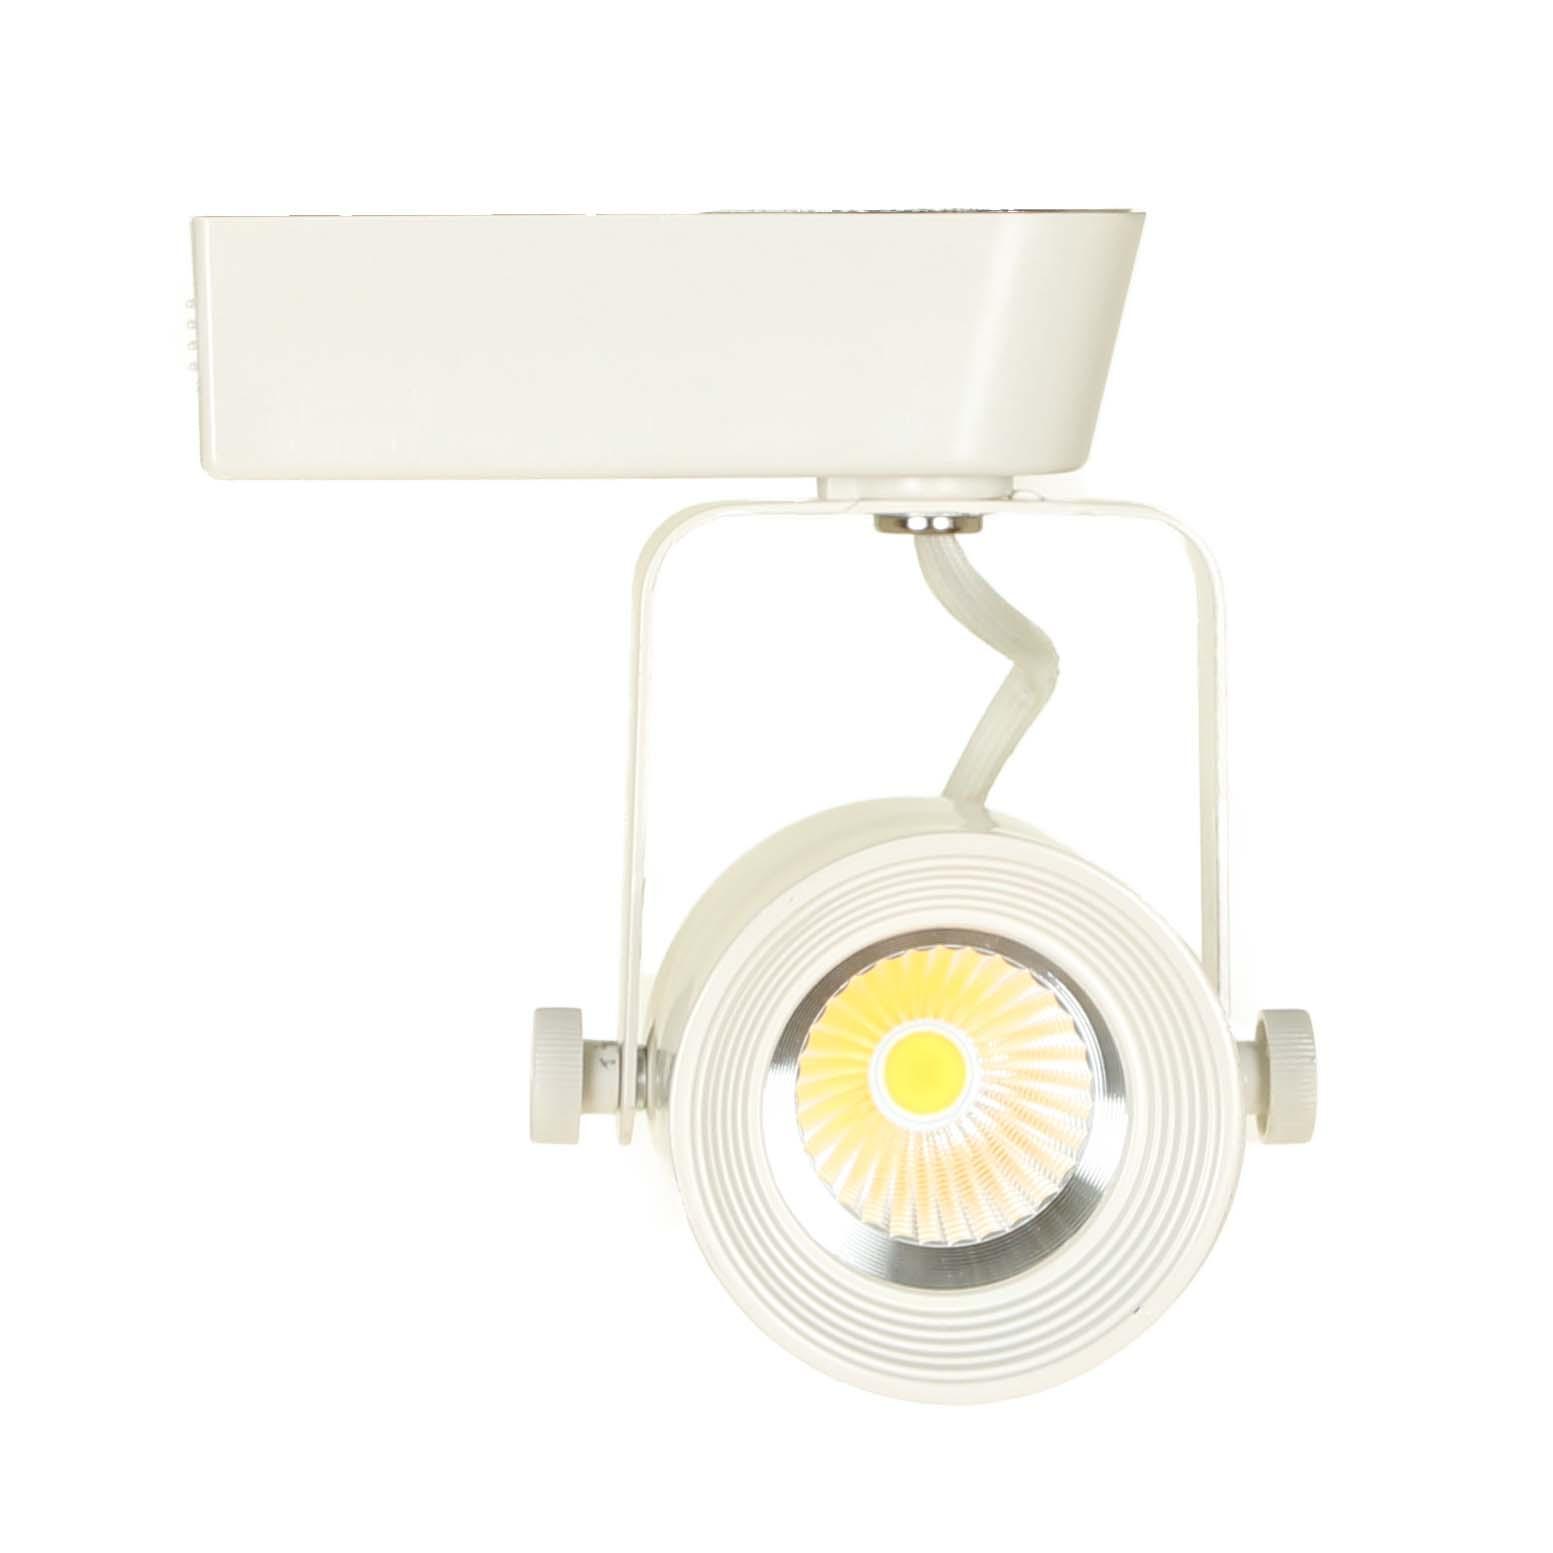 white track lighting. LED Track Lighting Kit HT-60088 White